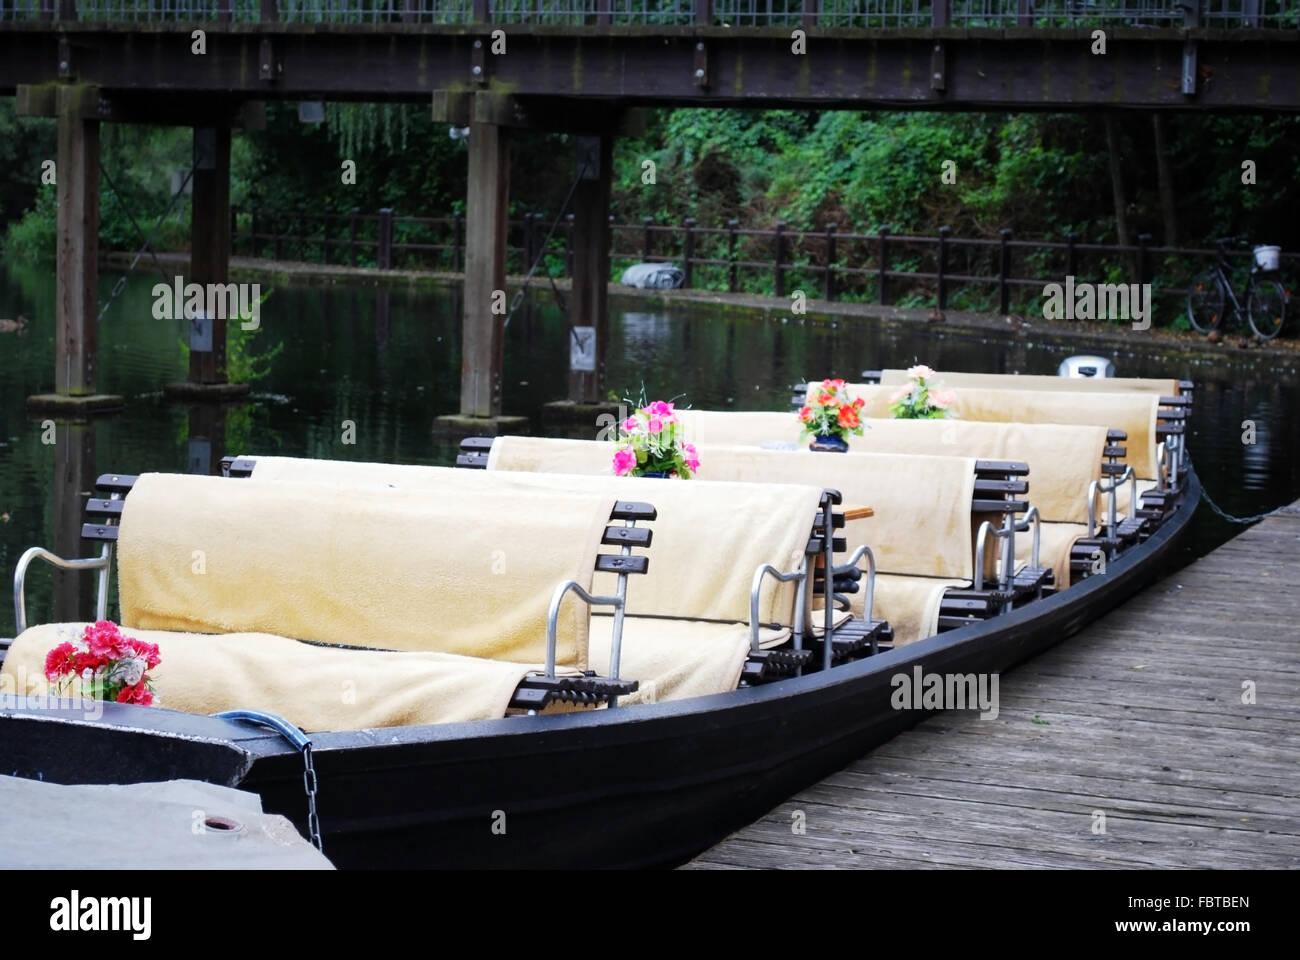 spreewald boat - Stock Image